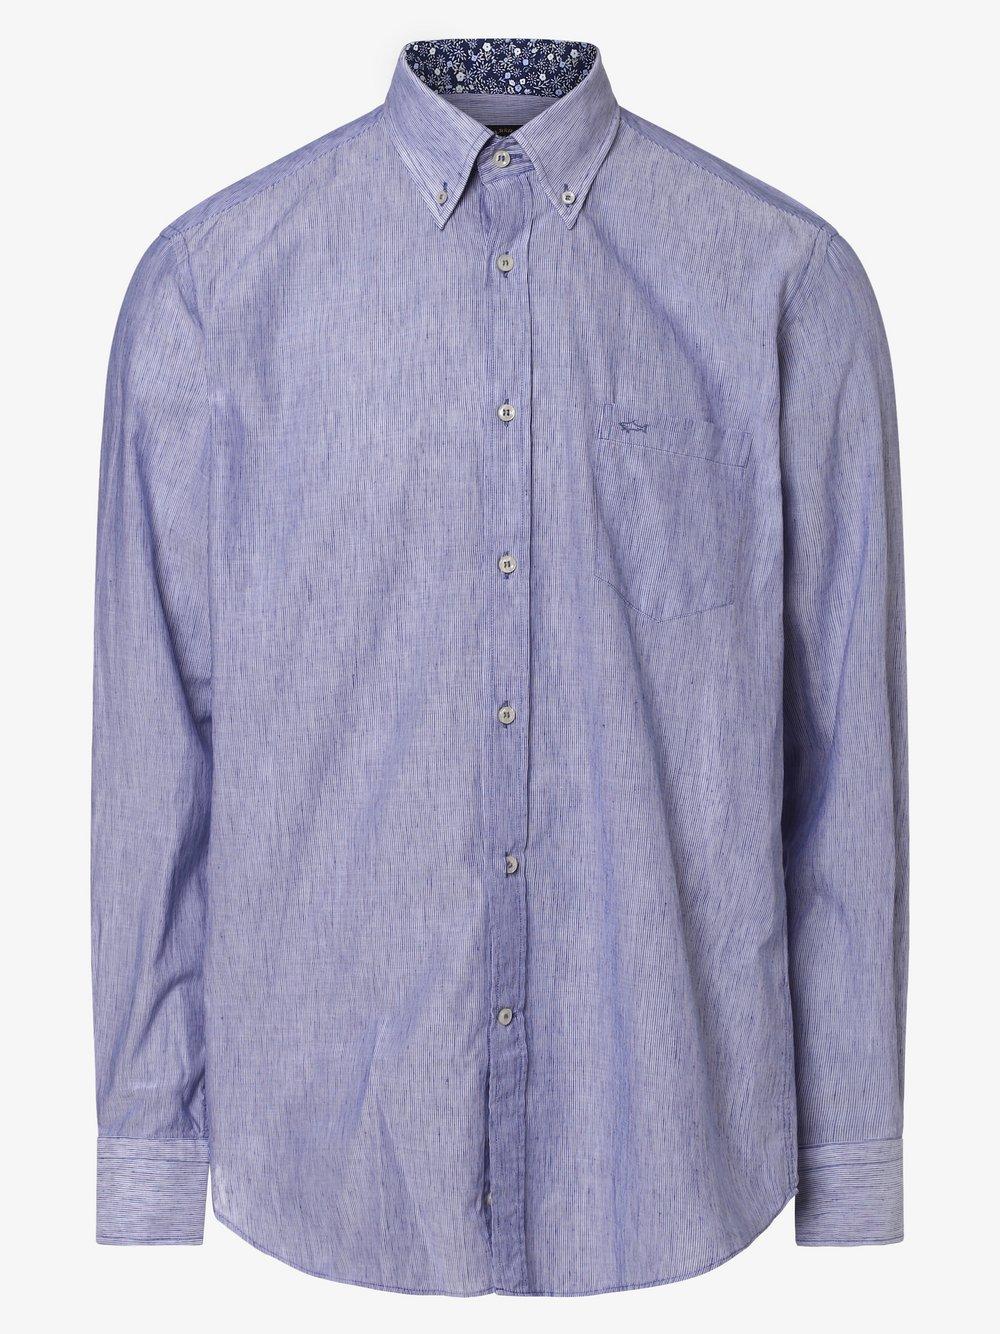 Paul & Shark - Męska koszula z dodatkiem lnu, niebieski